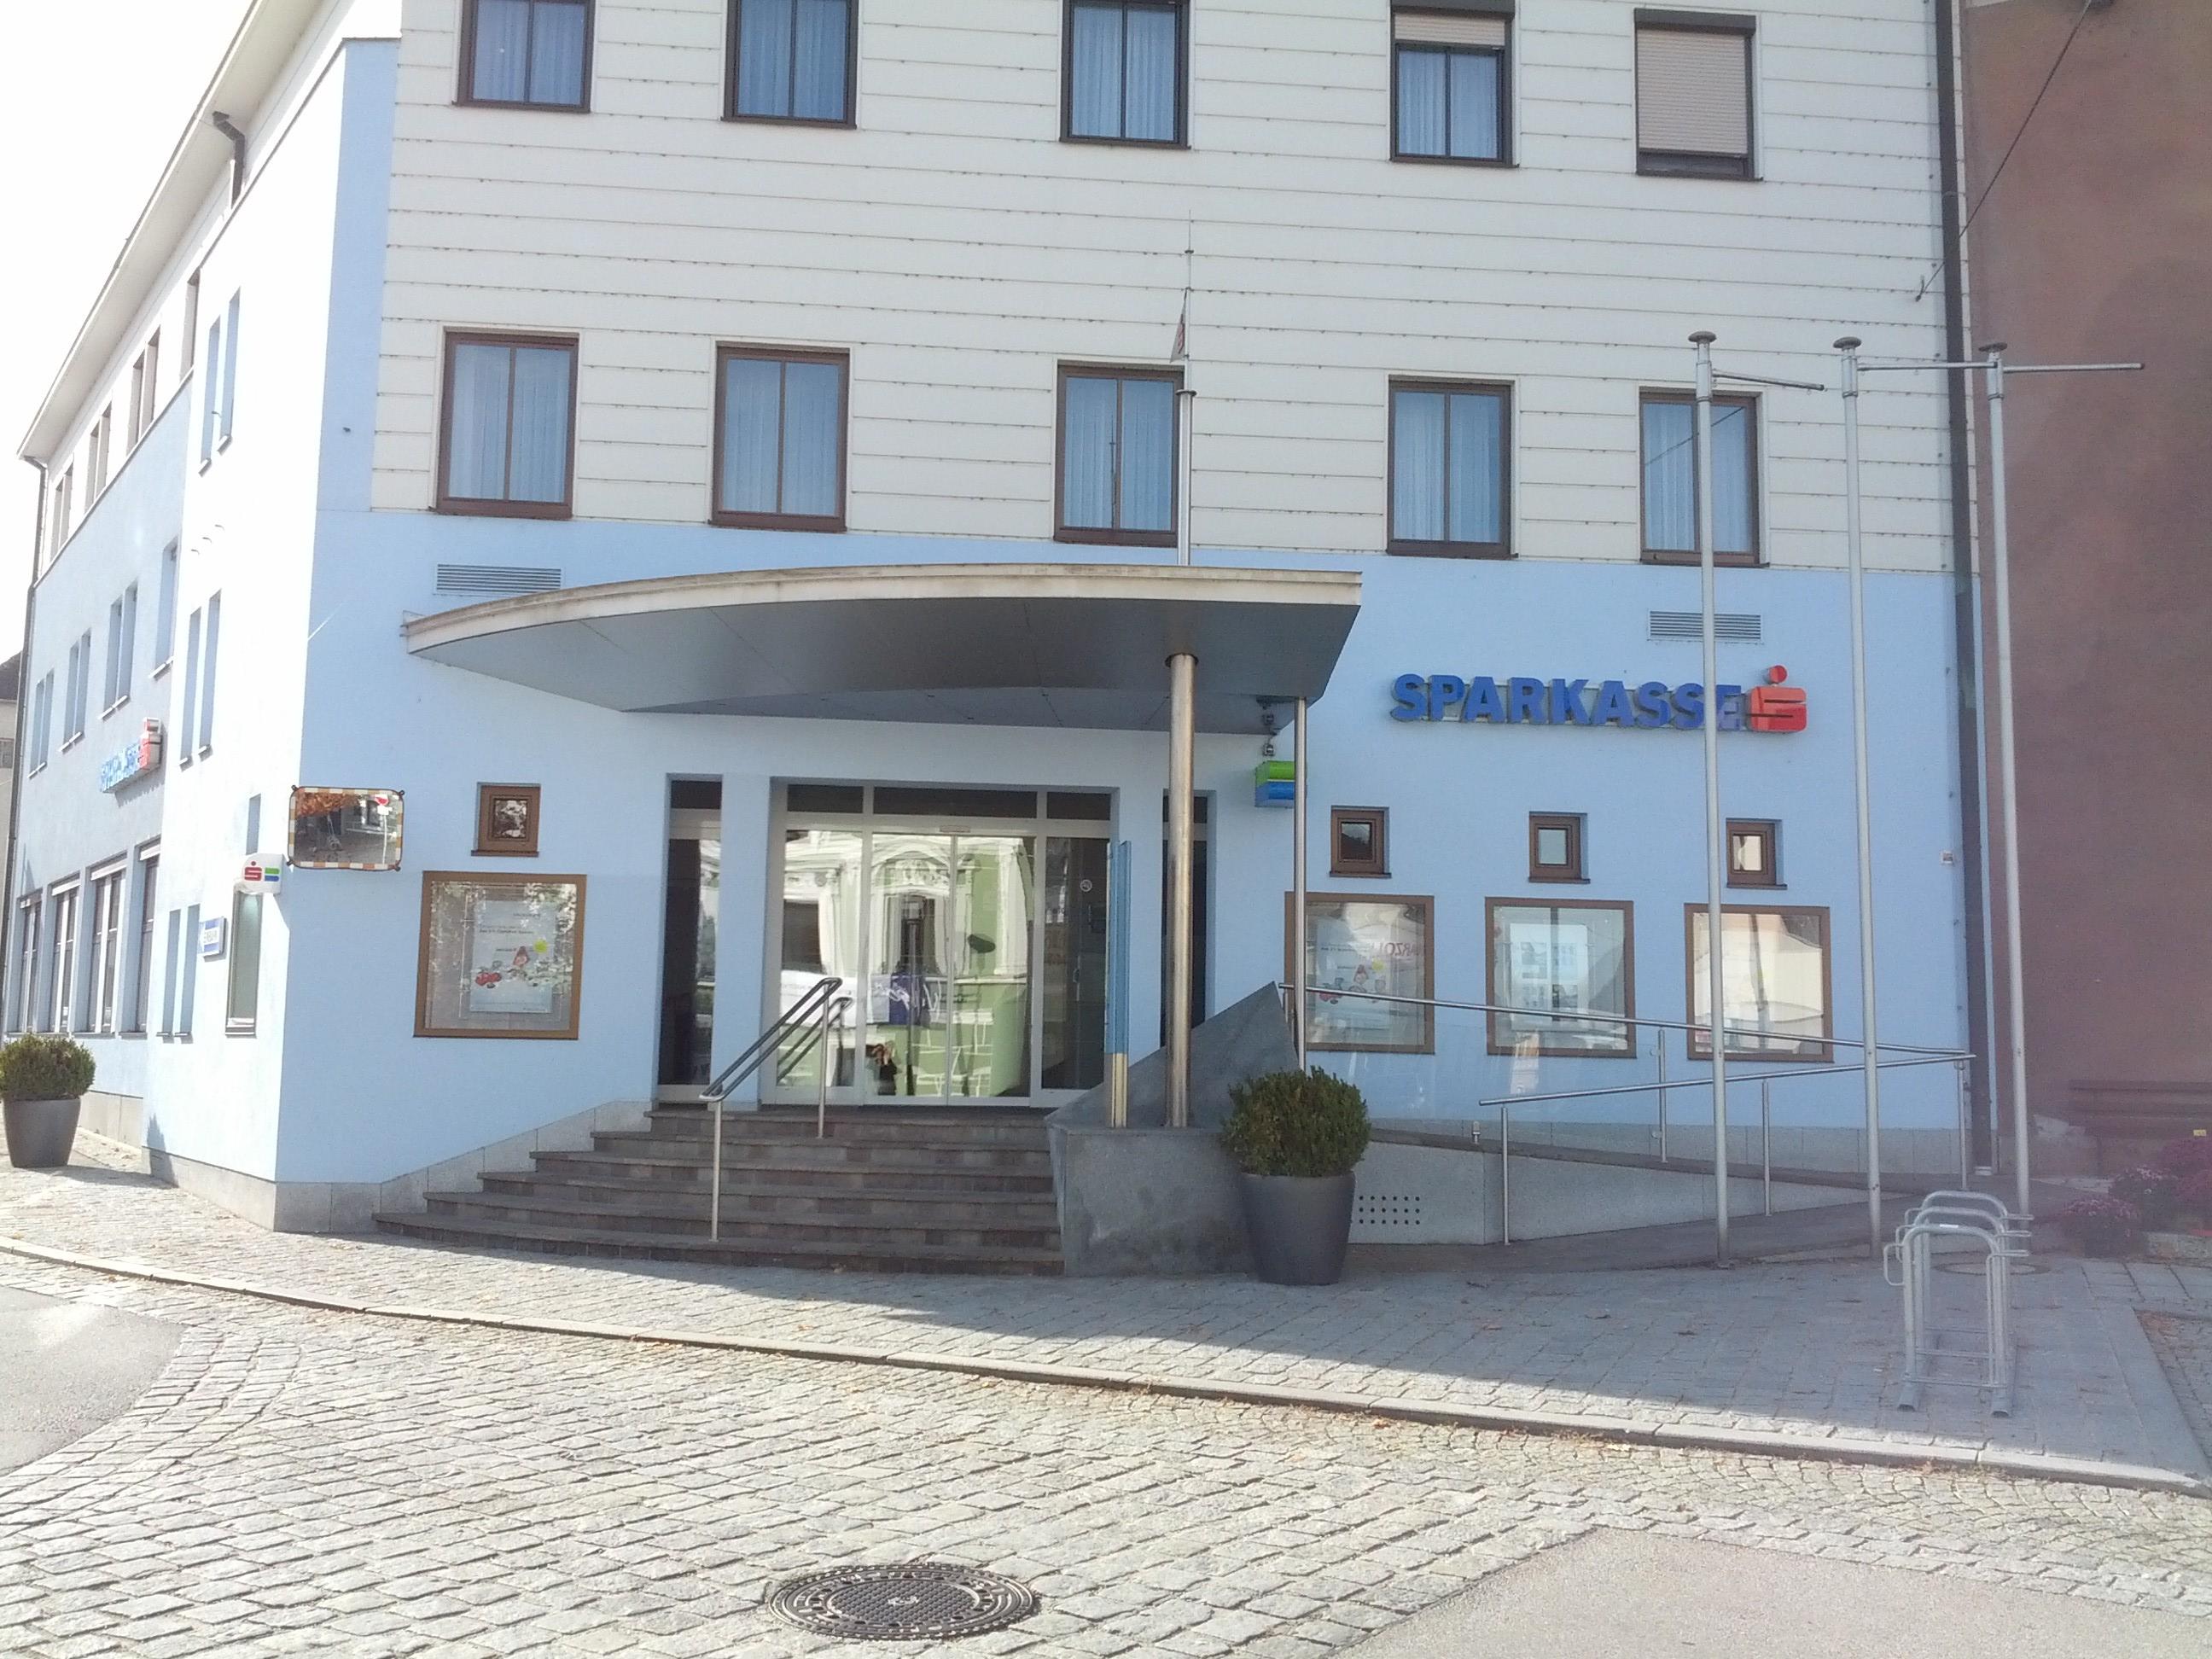 Allgemeine Sparkasse Oberösterreich Bankaktiengesellschaft Filiale Kremsmünster